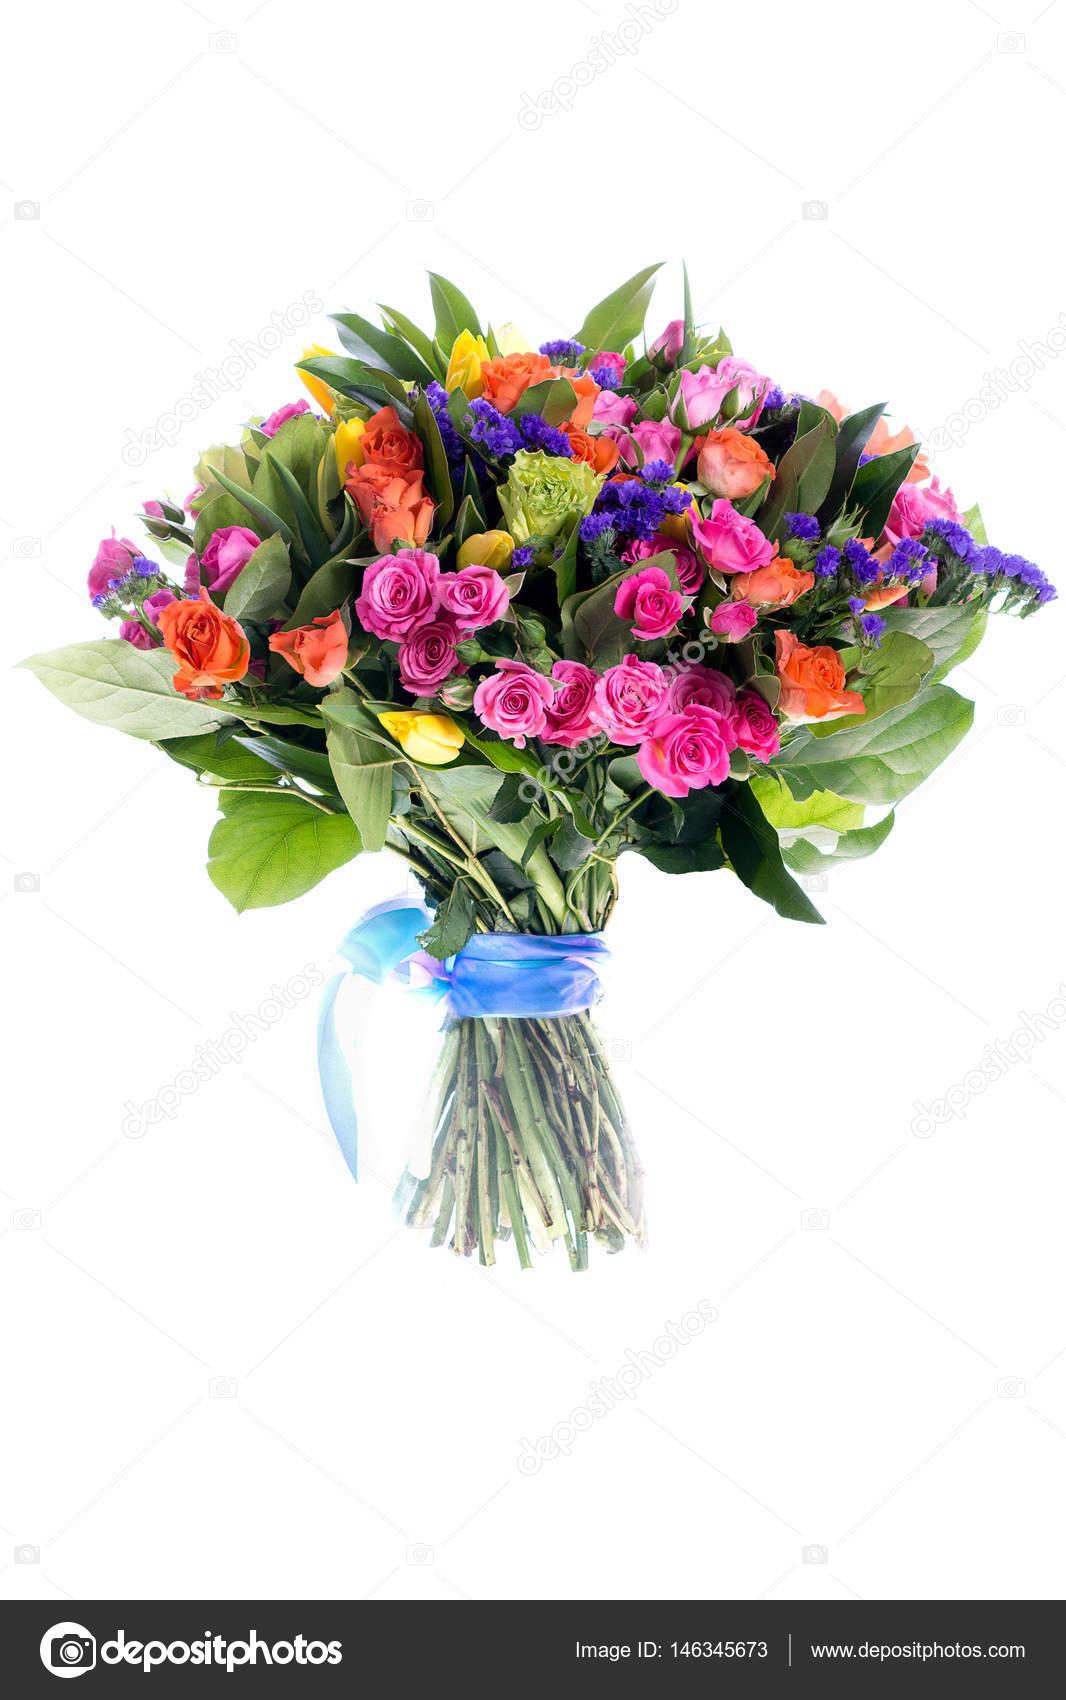 Güzel Bir Buket çiçek Stok Foto Pechatnik1506 146345673